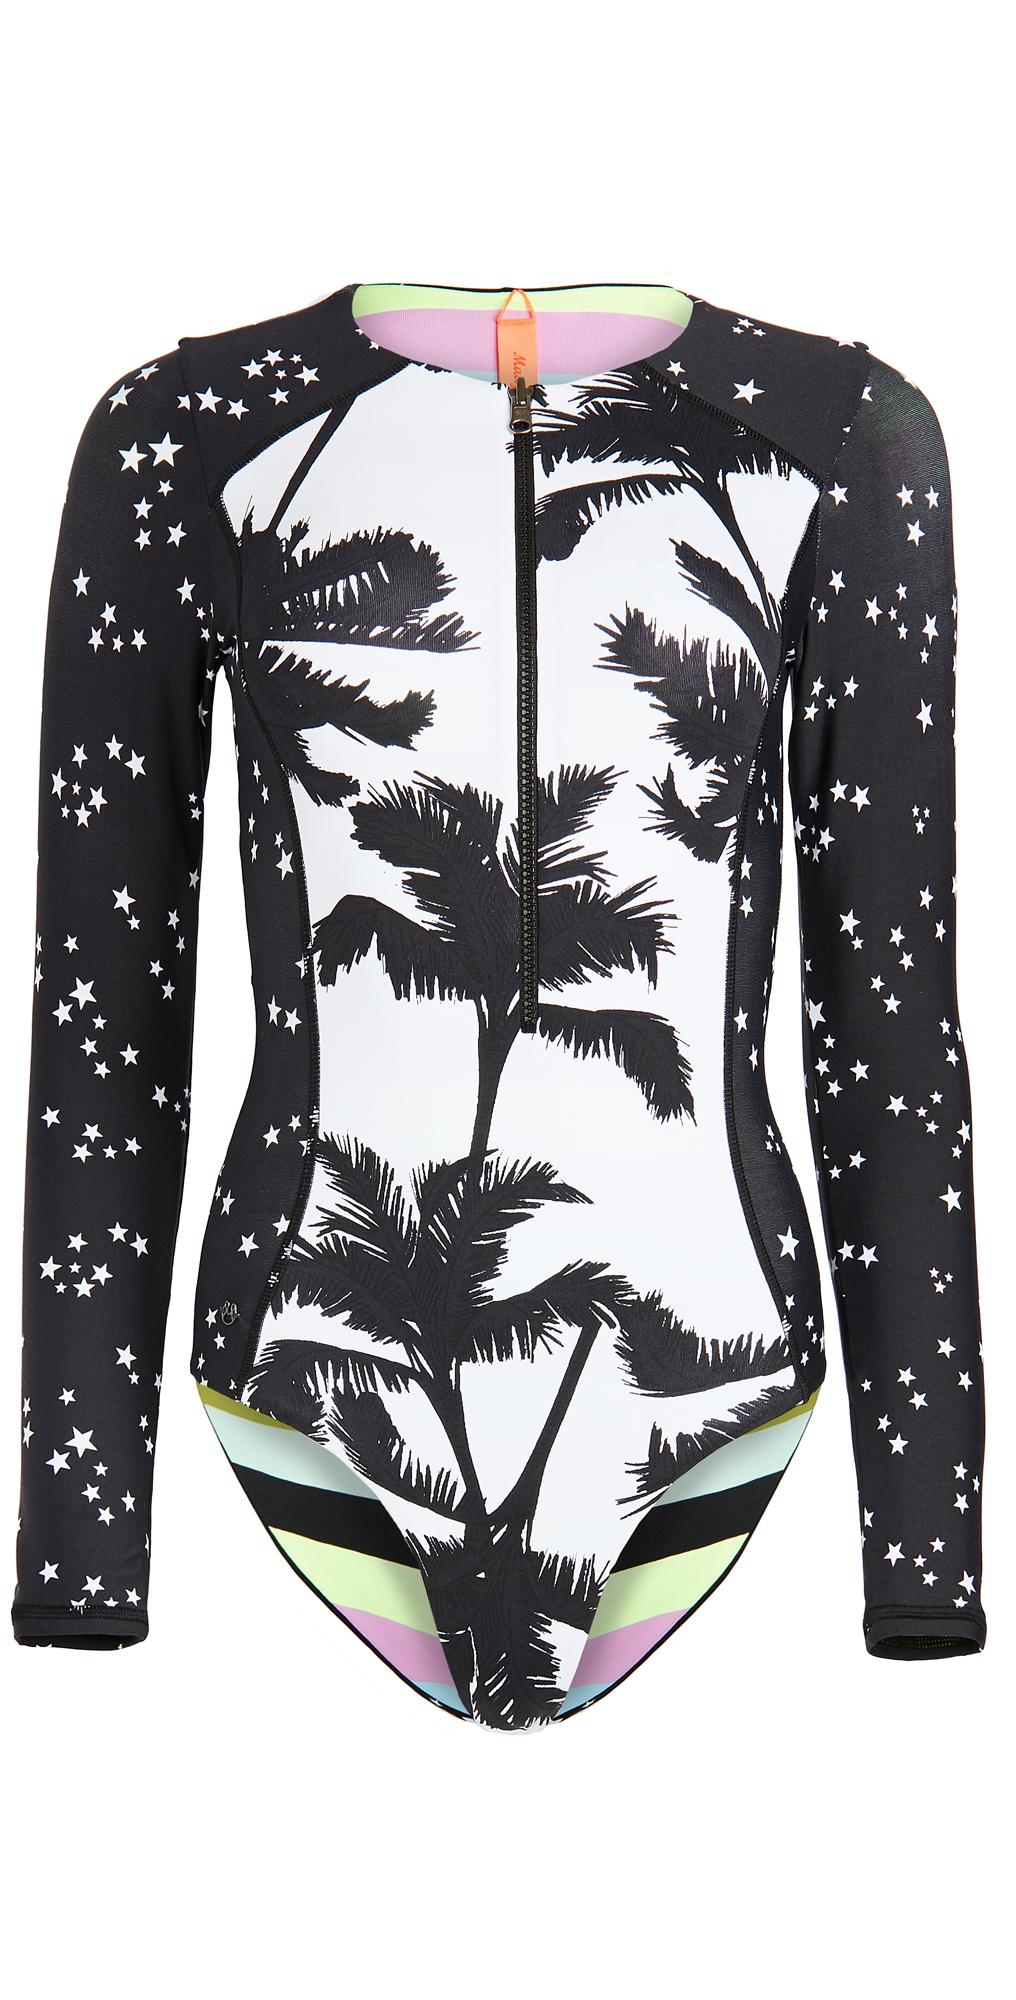 Maaji Cocoa Skies Triton Rash Guard Swimsuit